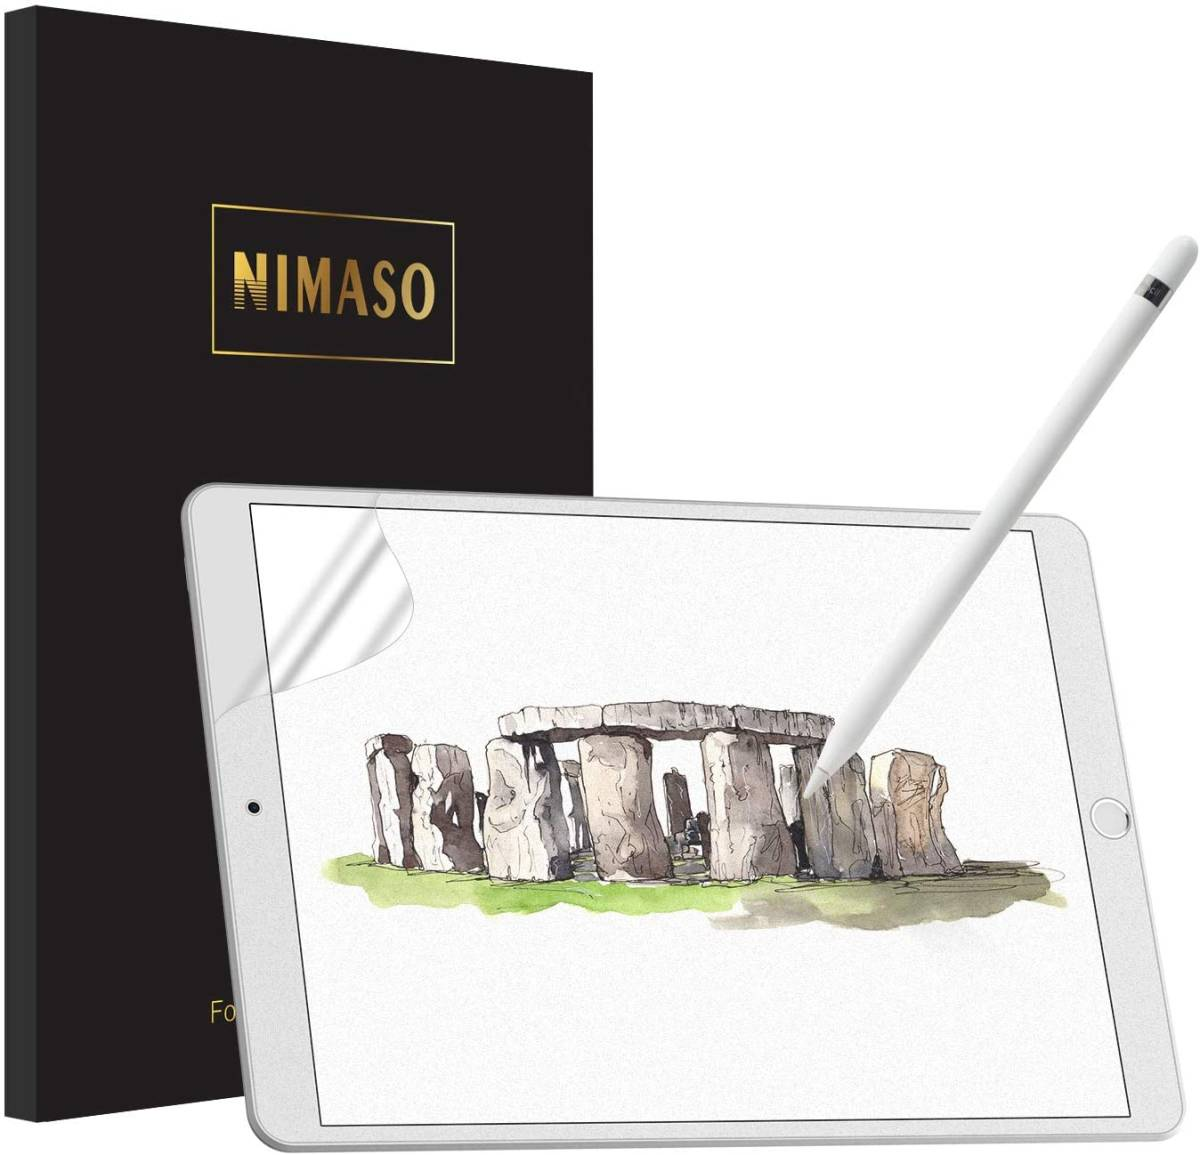 【ガイド枠付き】 iPad 10.2 用 ペーパーライク フィルム 箱キズあり_画像1